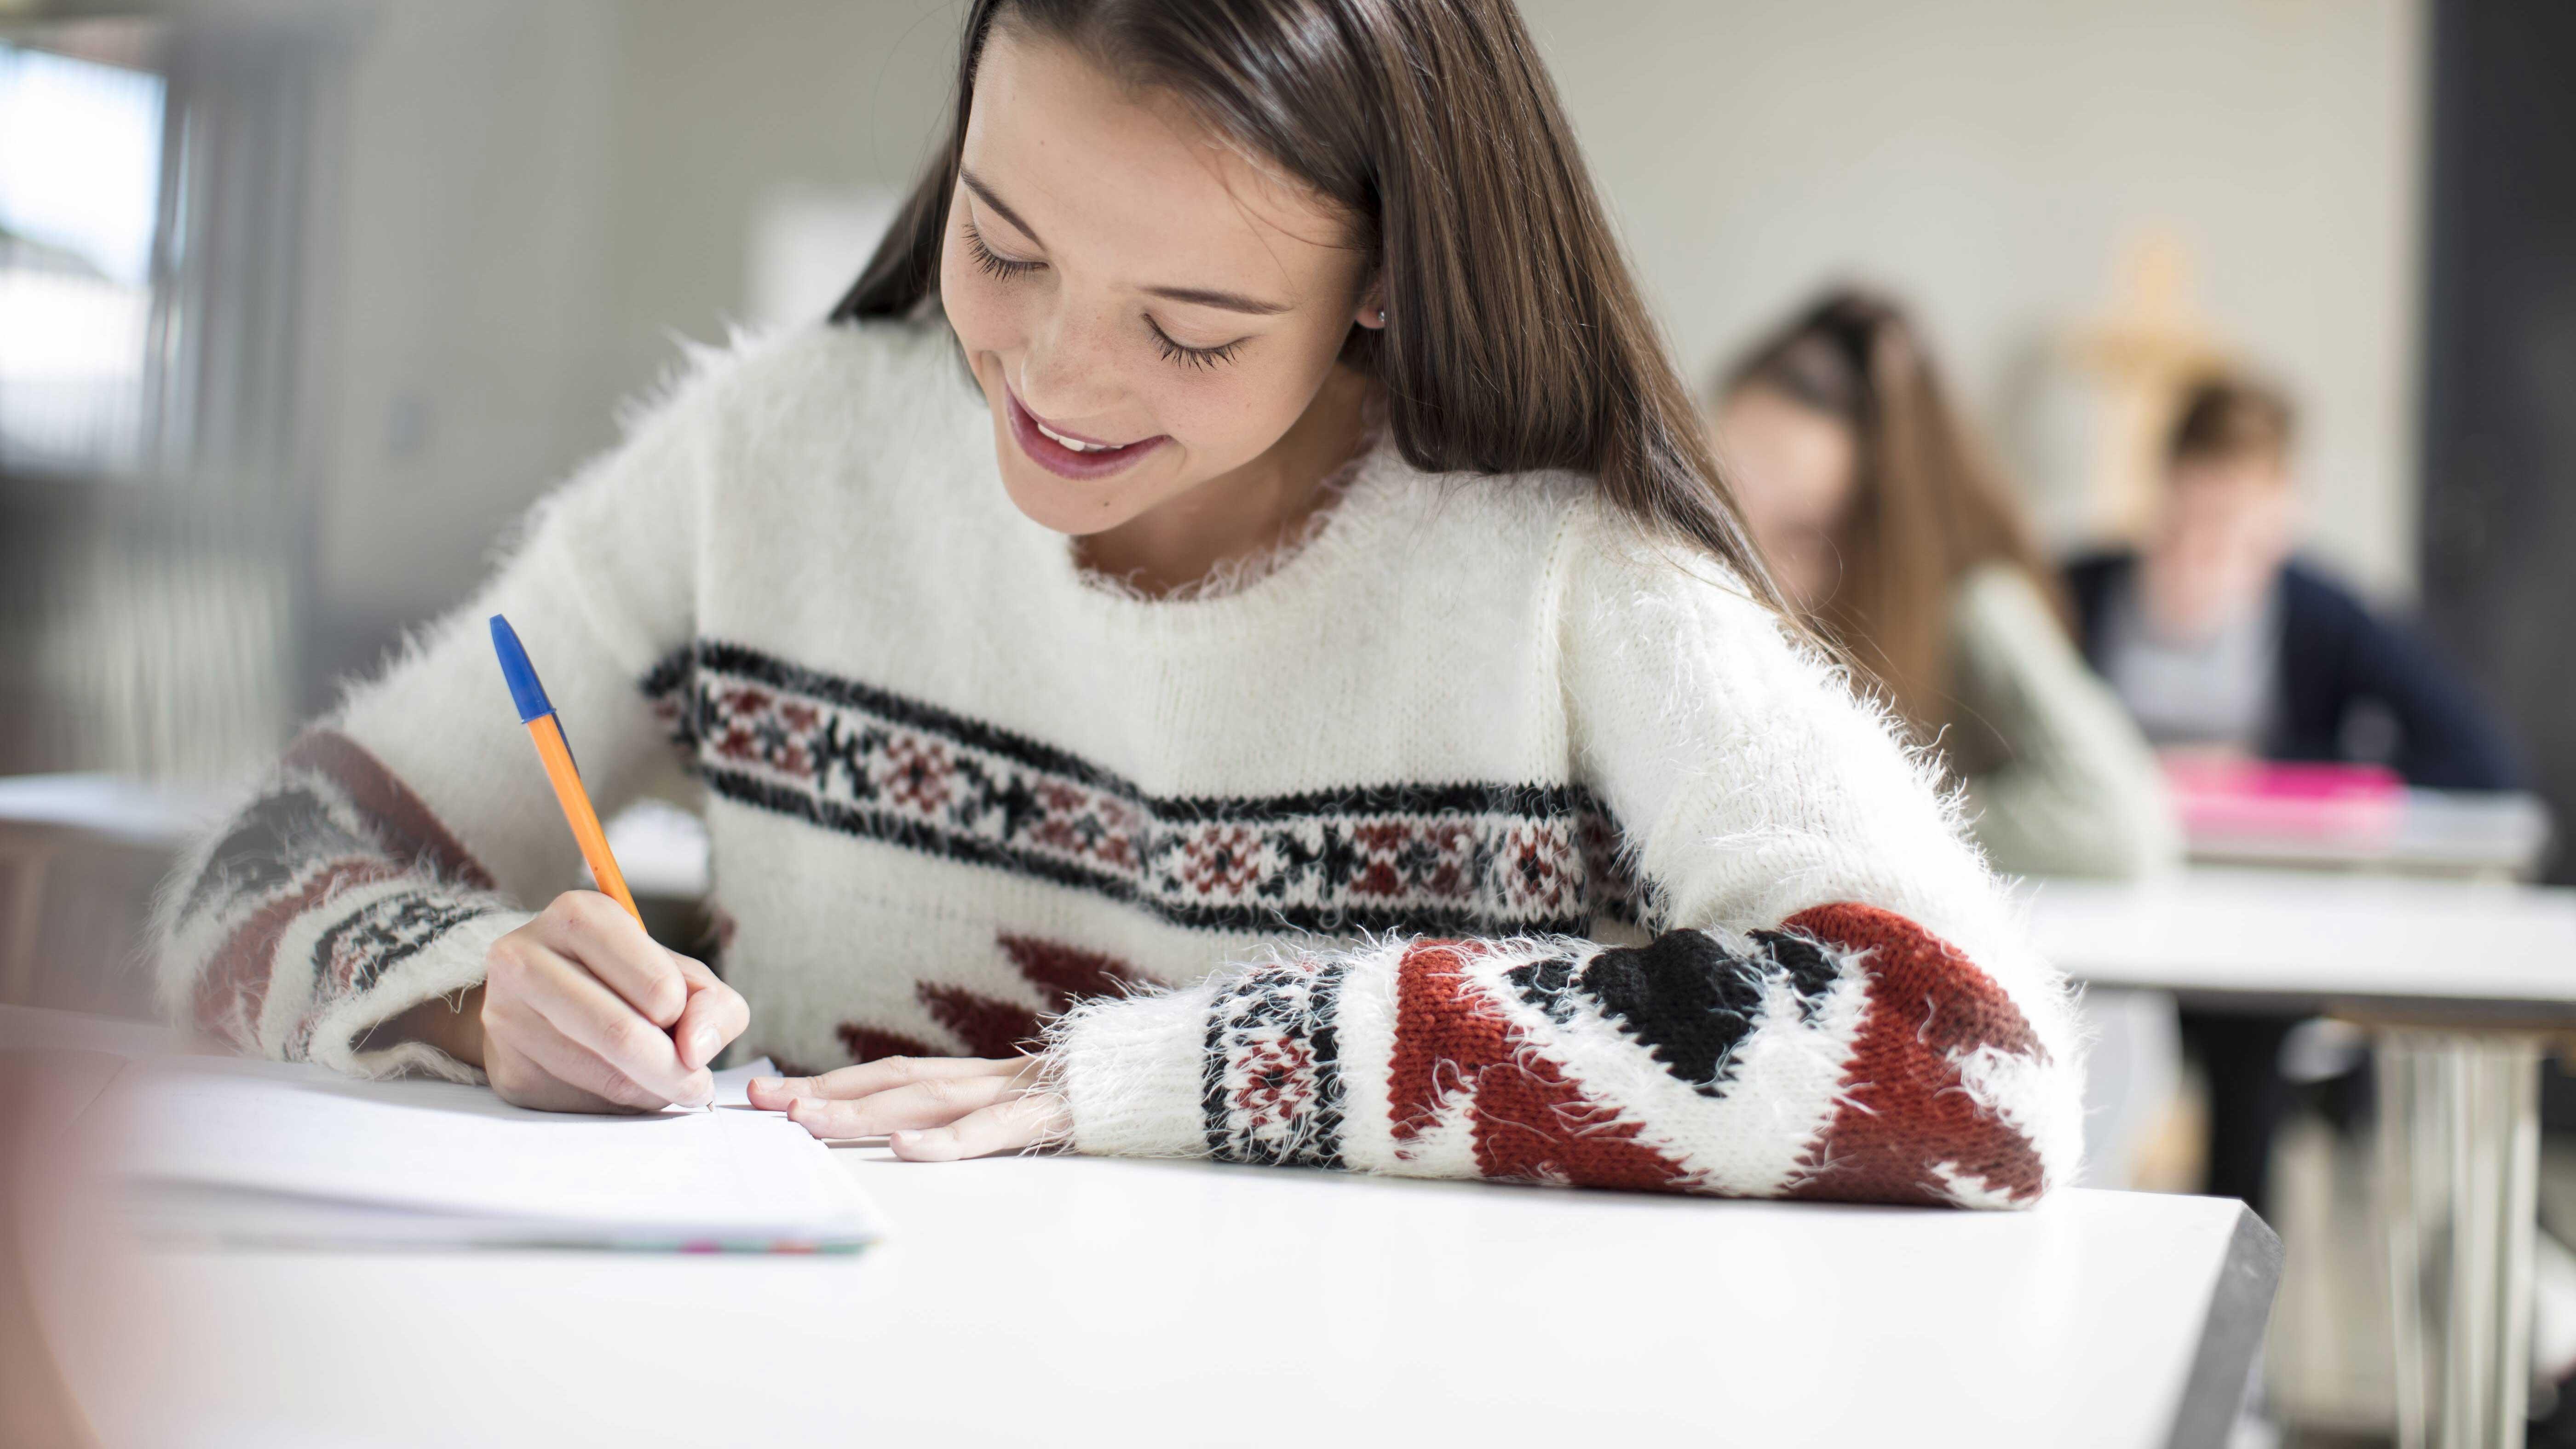 Mädchen sitzt lächelnd an einem Tisch und schreibt mit einem Kugelschreiber